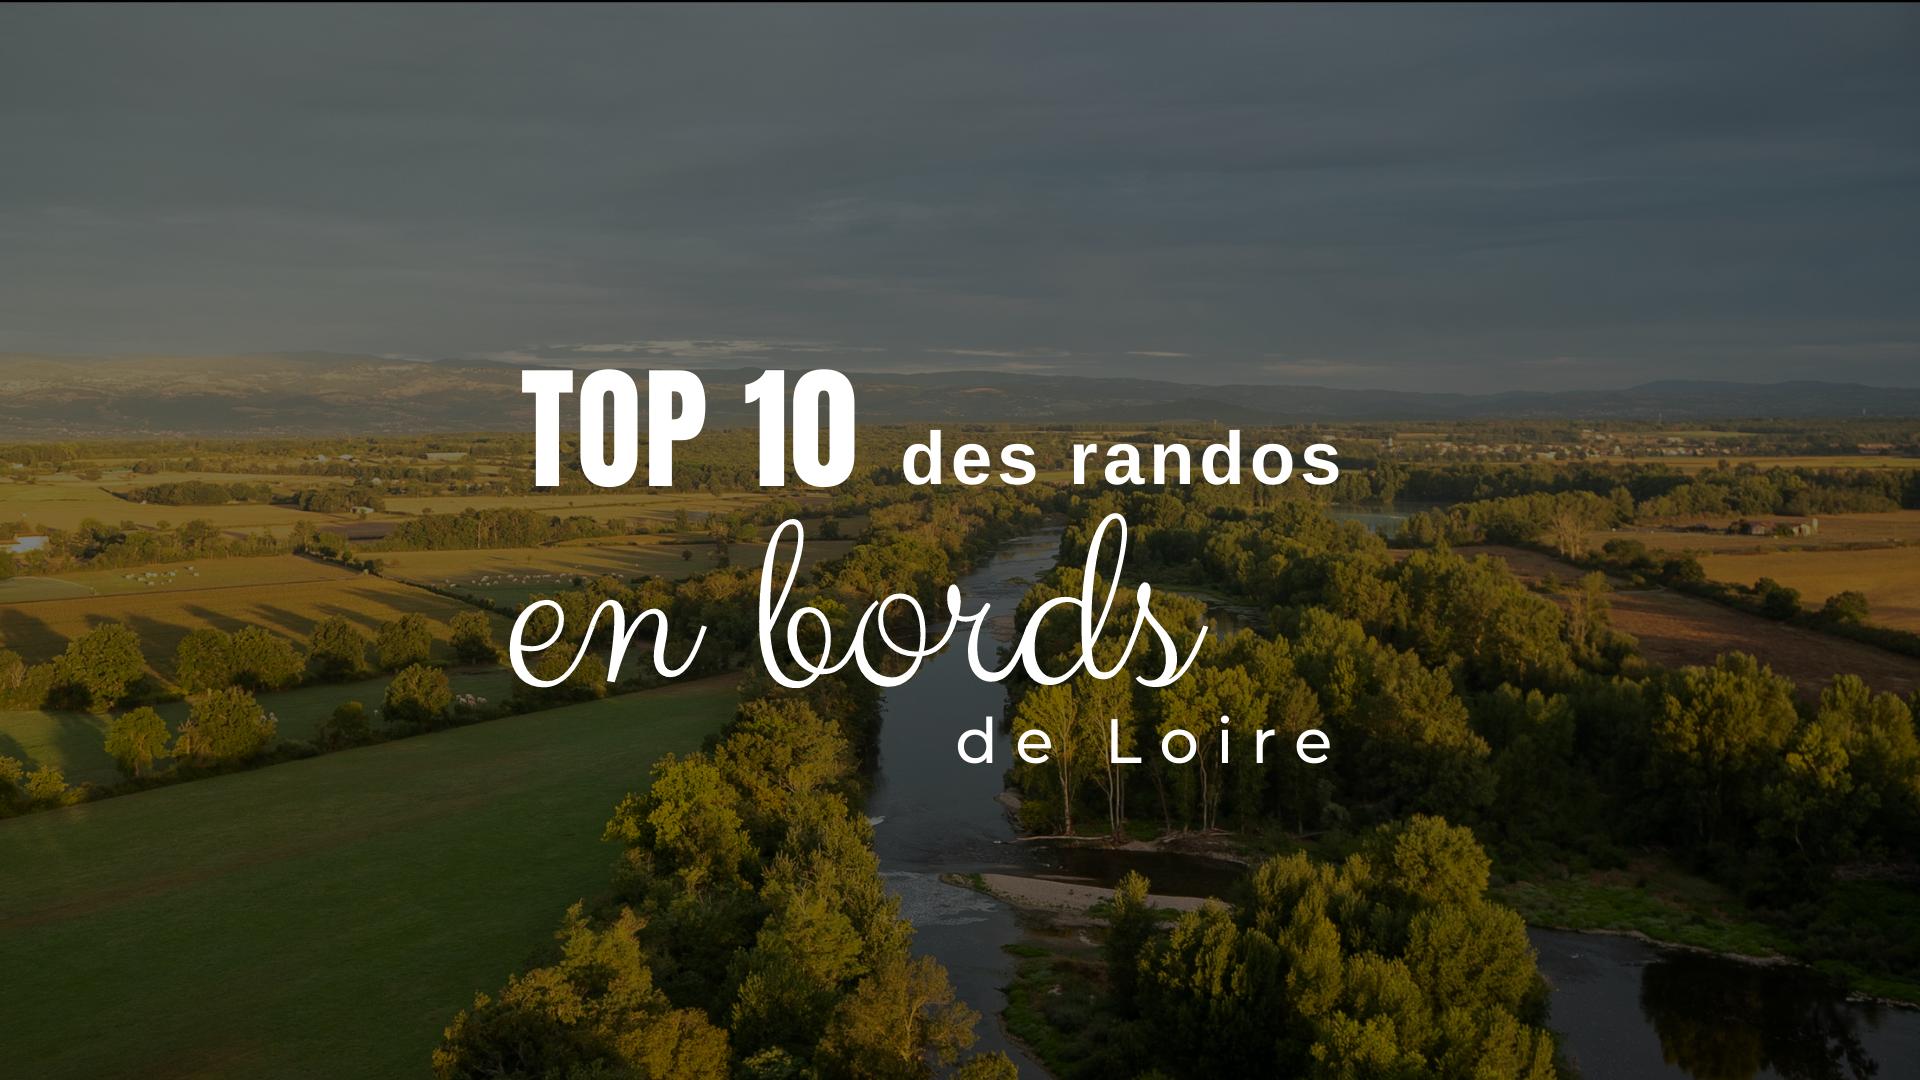 Top 10 des randos en bords de Loire